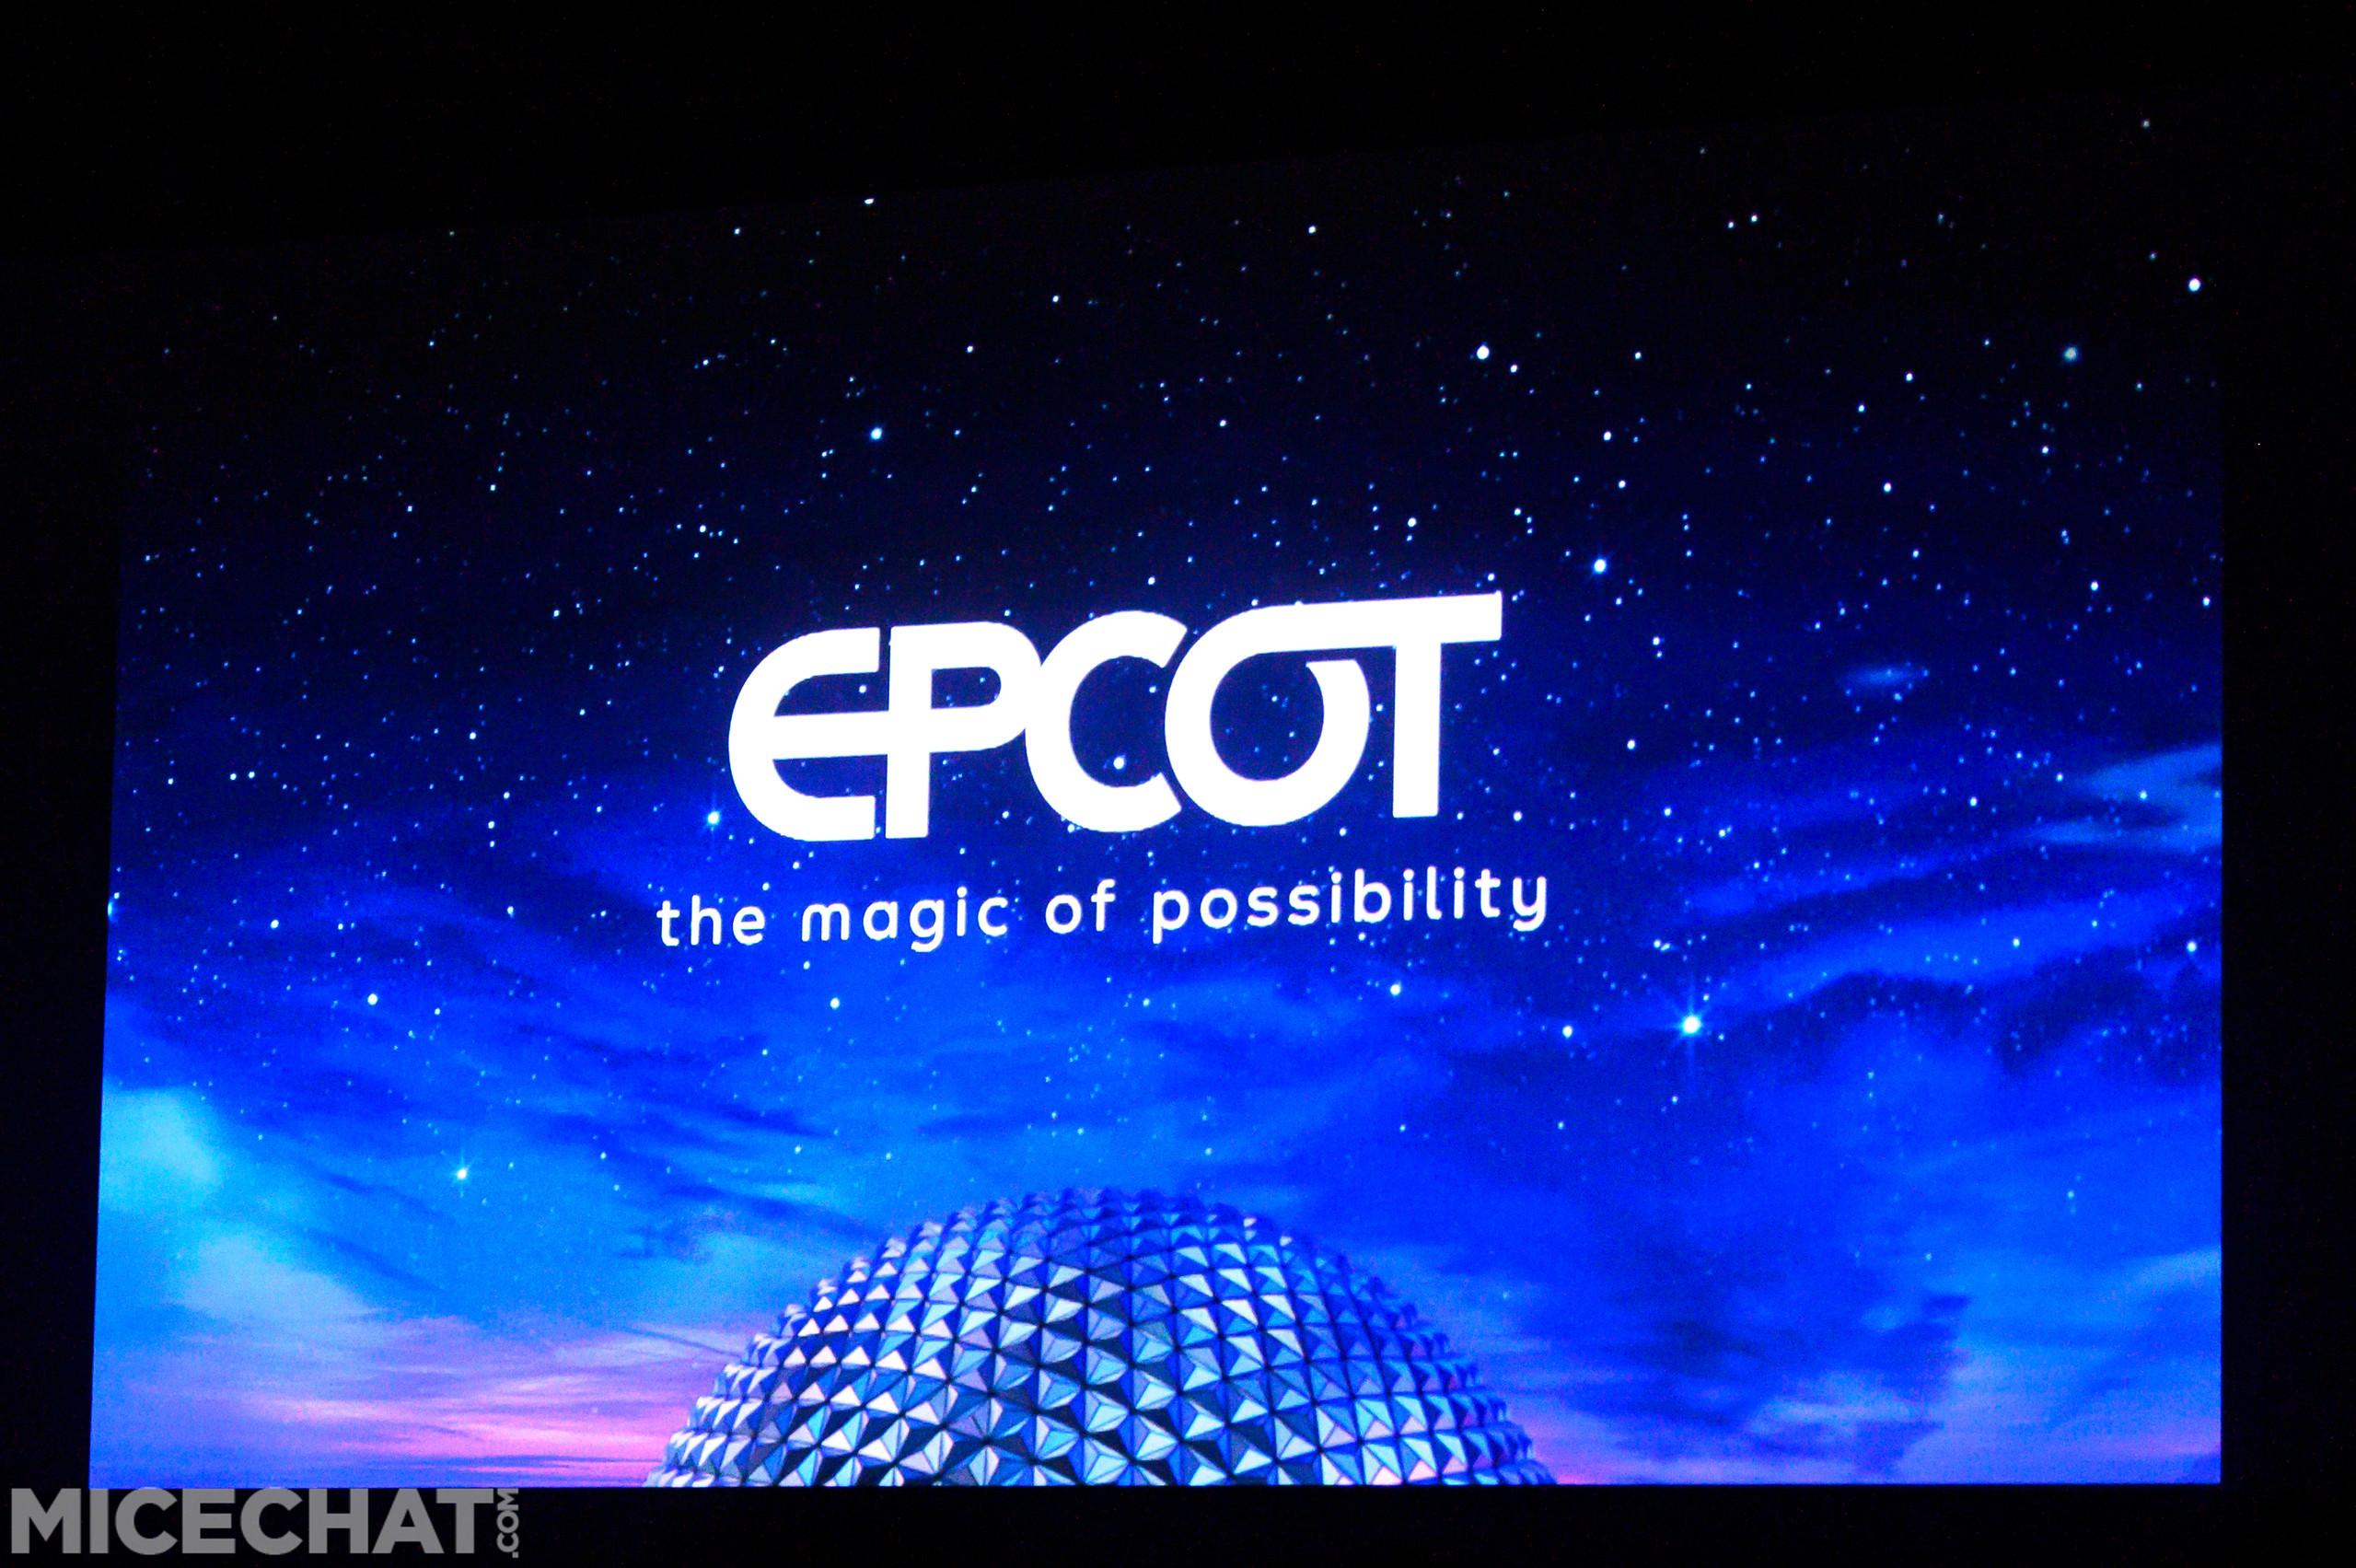 D23 Expo, D23 Expo: Un aperçu de l'avenir d'Epcot alors qu'il entre dans une nouvelle ère de découvertes